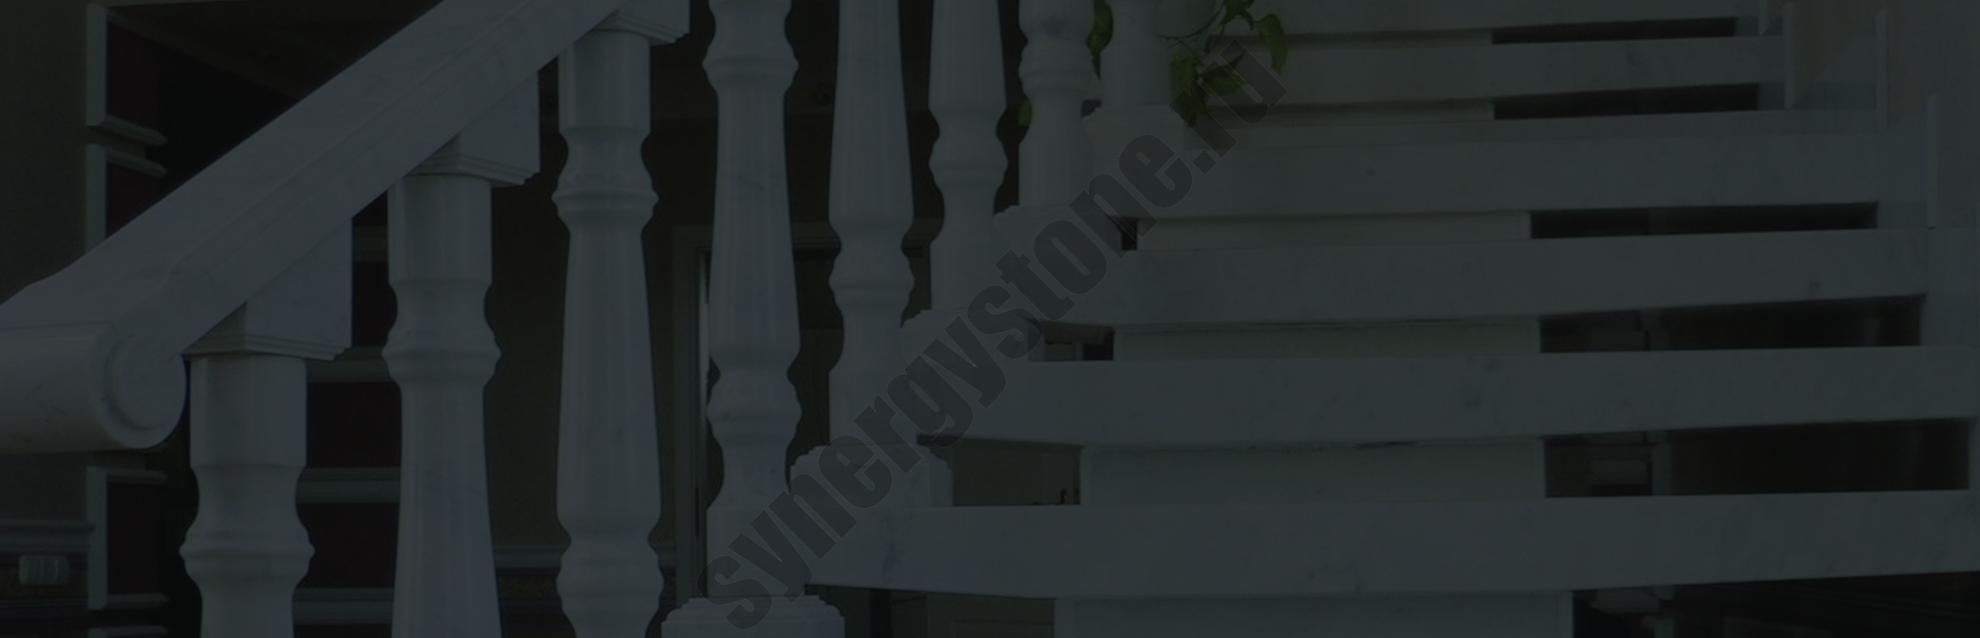 Балясины из ясеня для лестниц купить в Москве и МО - Все